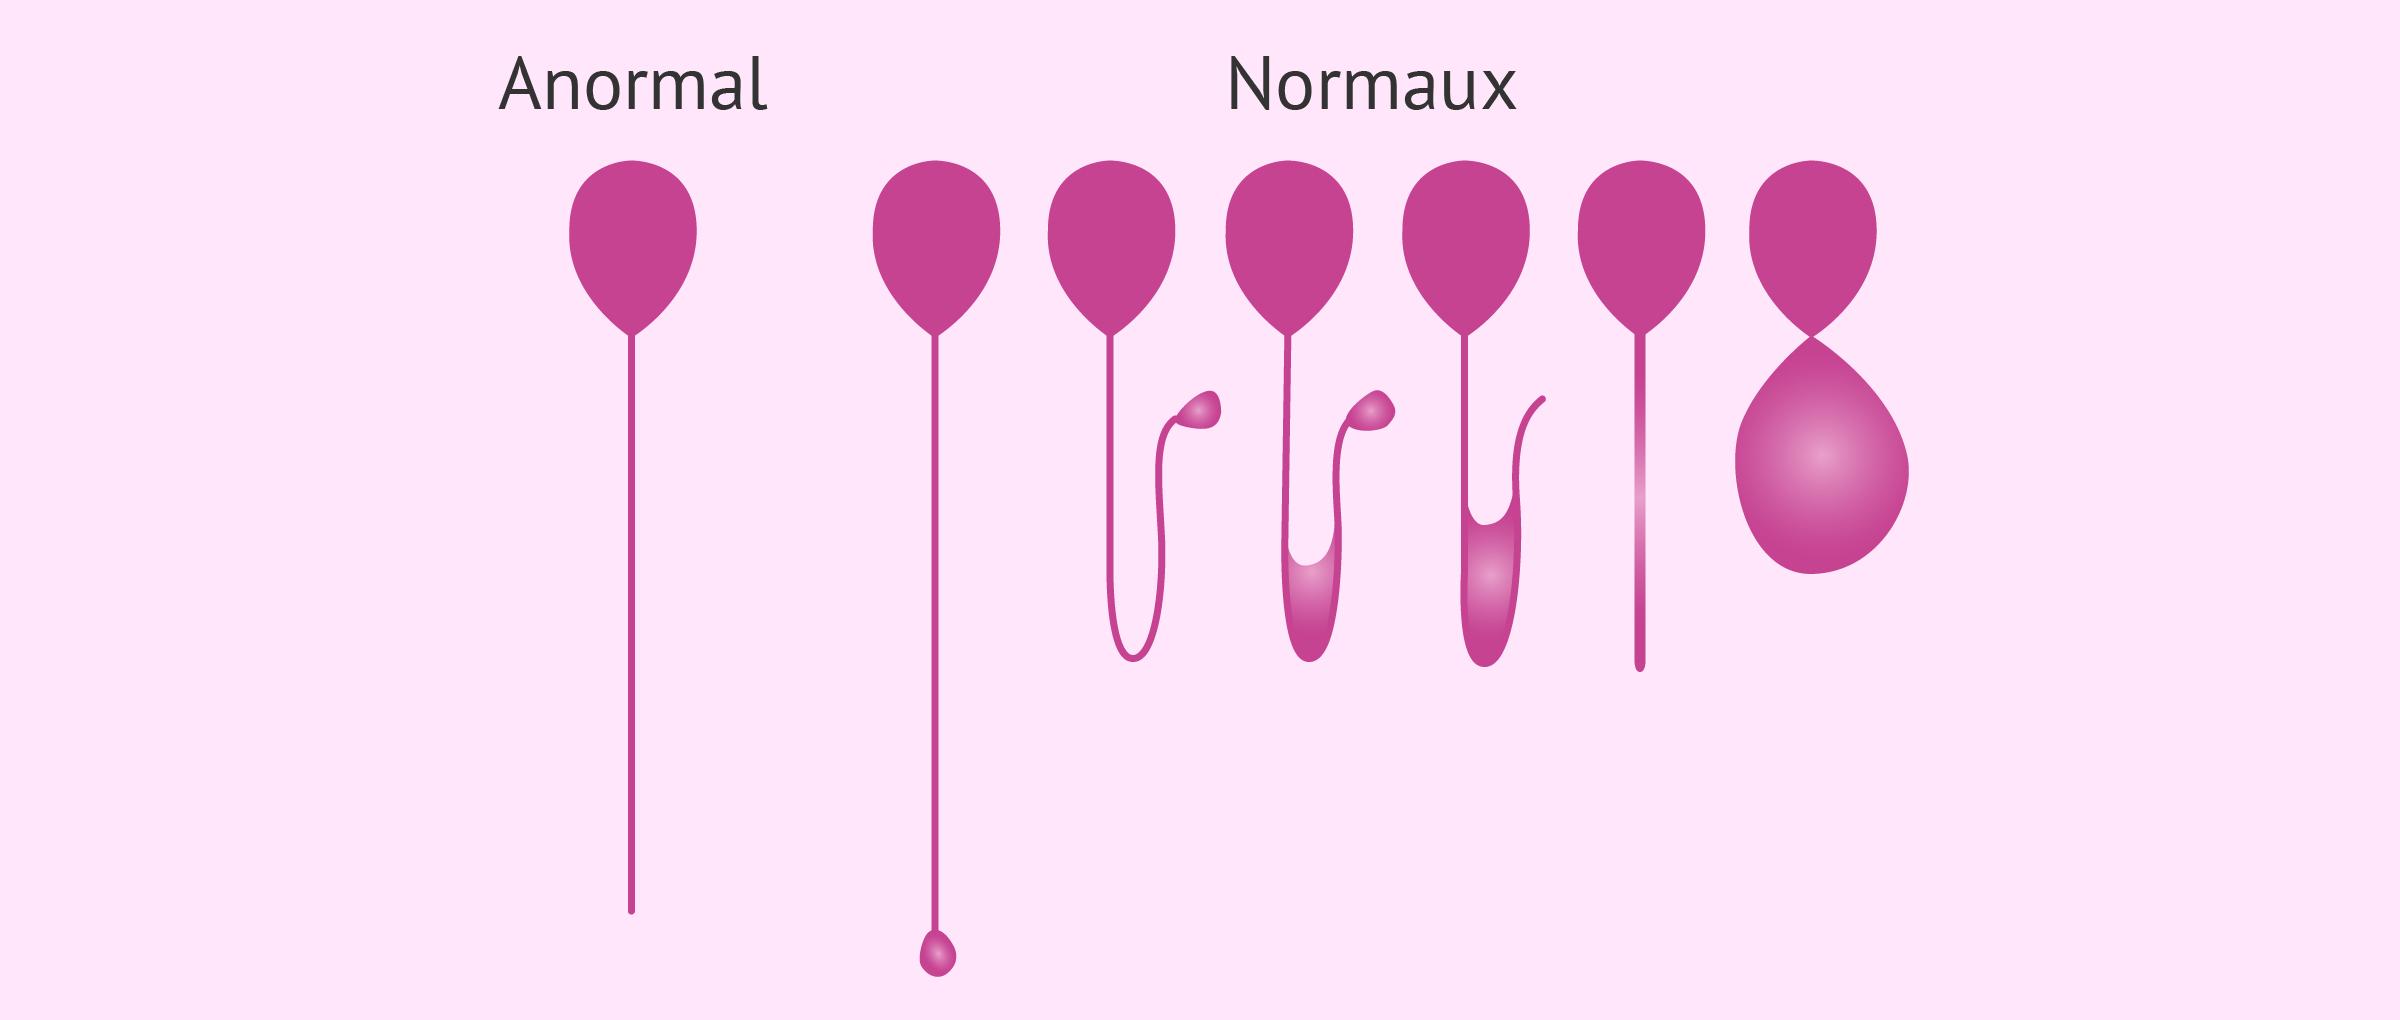 Test hyposmotique pour mesurer l'intégrité de la membrane spermatique